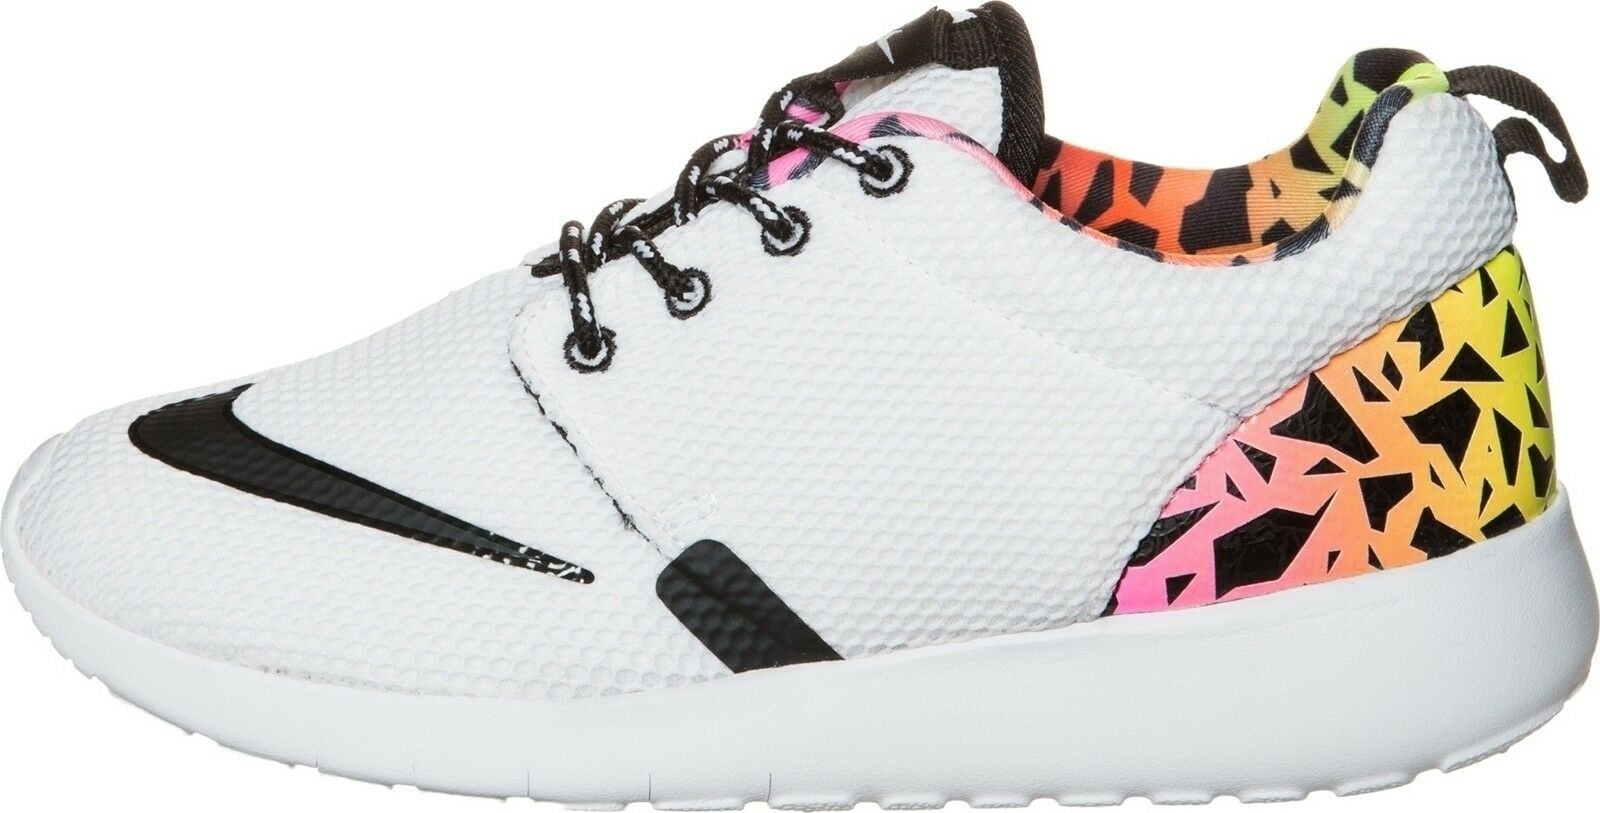 Wo  Nike Roshe One FB Neuf gr:40 Presto Flyknit MOIRE Sneake 810513-100 Free Flyknit Presto 710b47